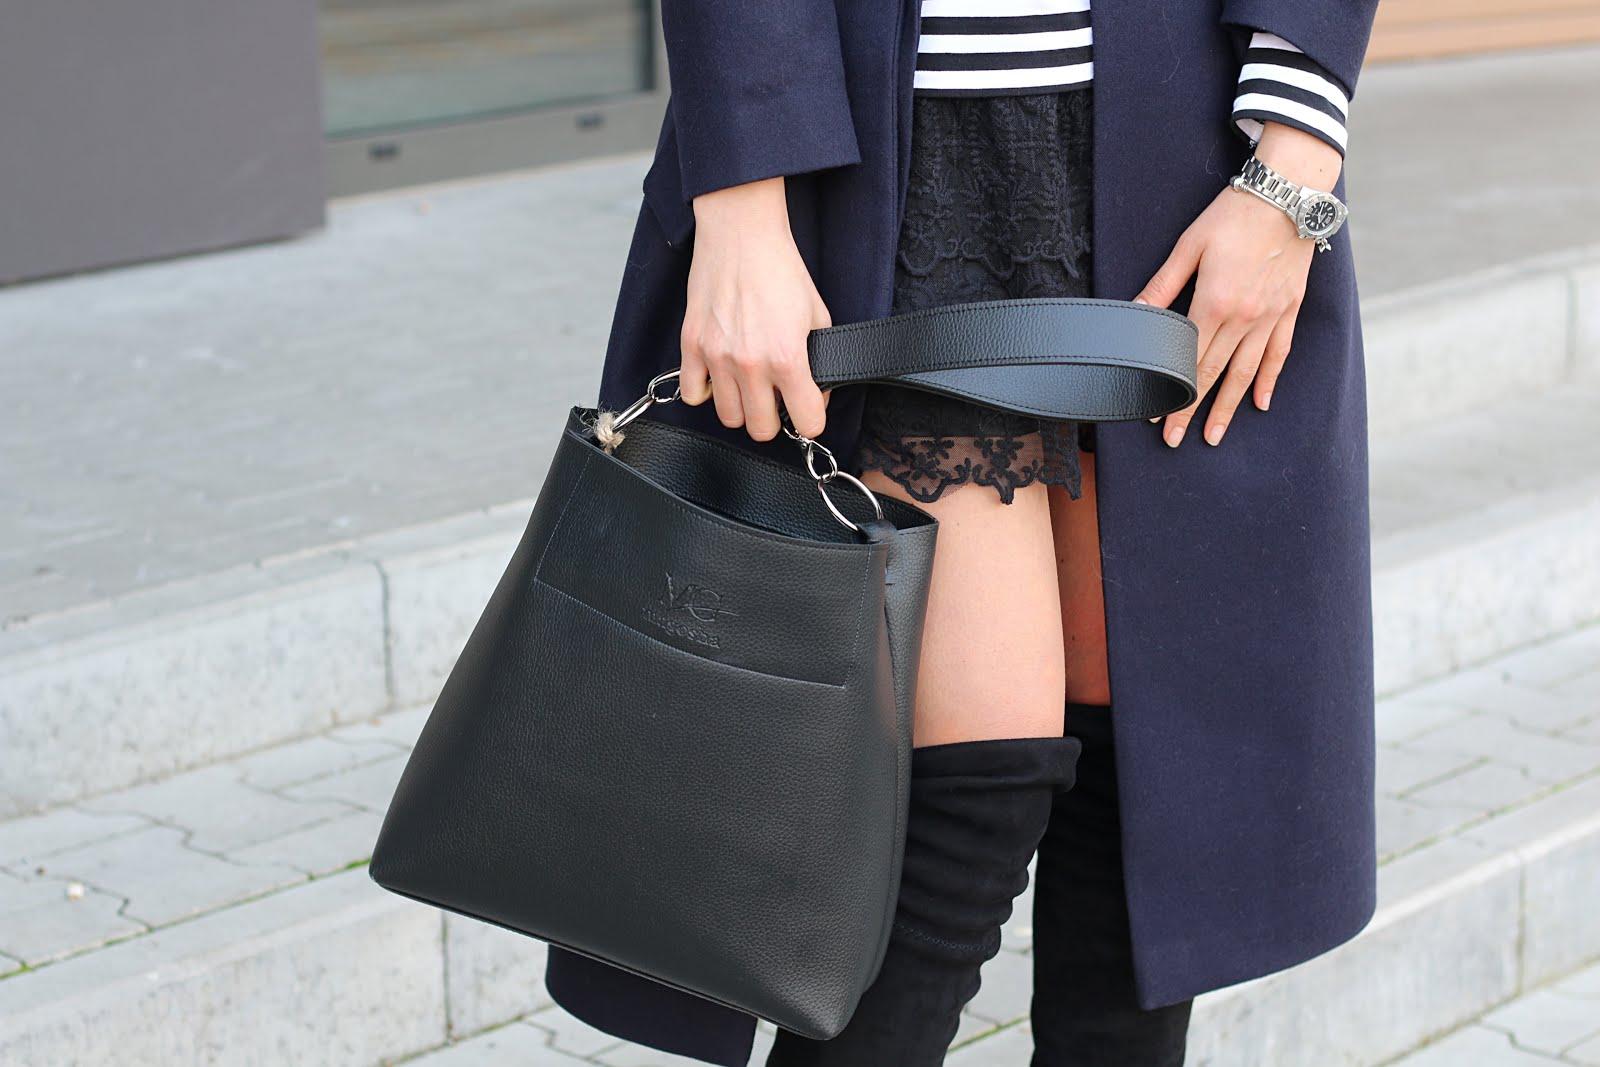 jesienny płaszcz, płaszcz, płaszcze, oversize, jesienne inspiracje, jesienne trendy, jesienny styl, novamoda style, koronkowa mini, koronka, bluzka w paski, marynarskie paski, buty za kolano, overknee boots,